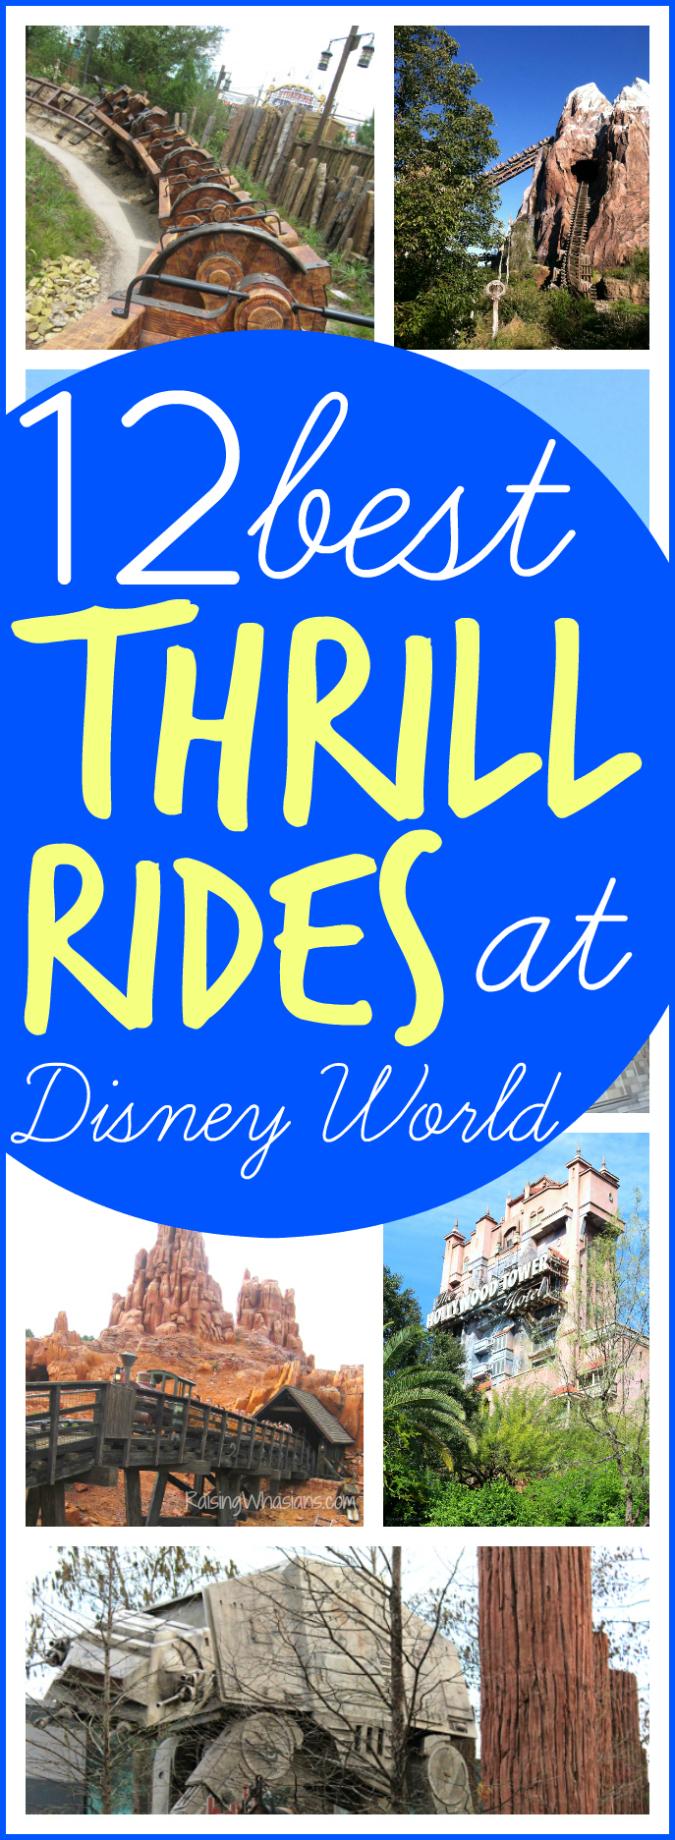 12 best Walt Disney world thrill rides